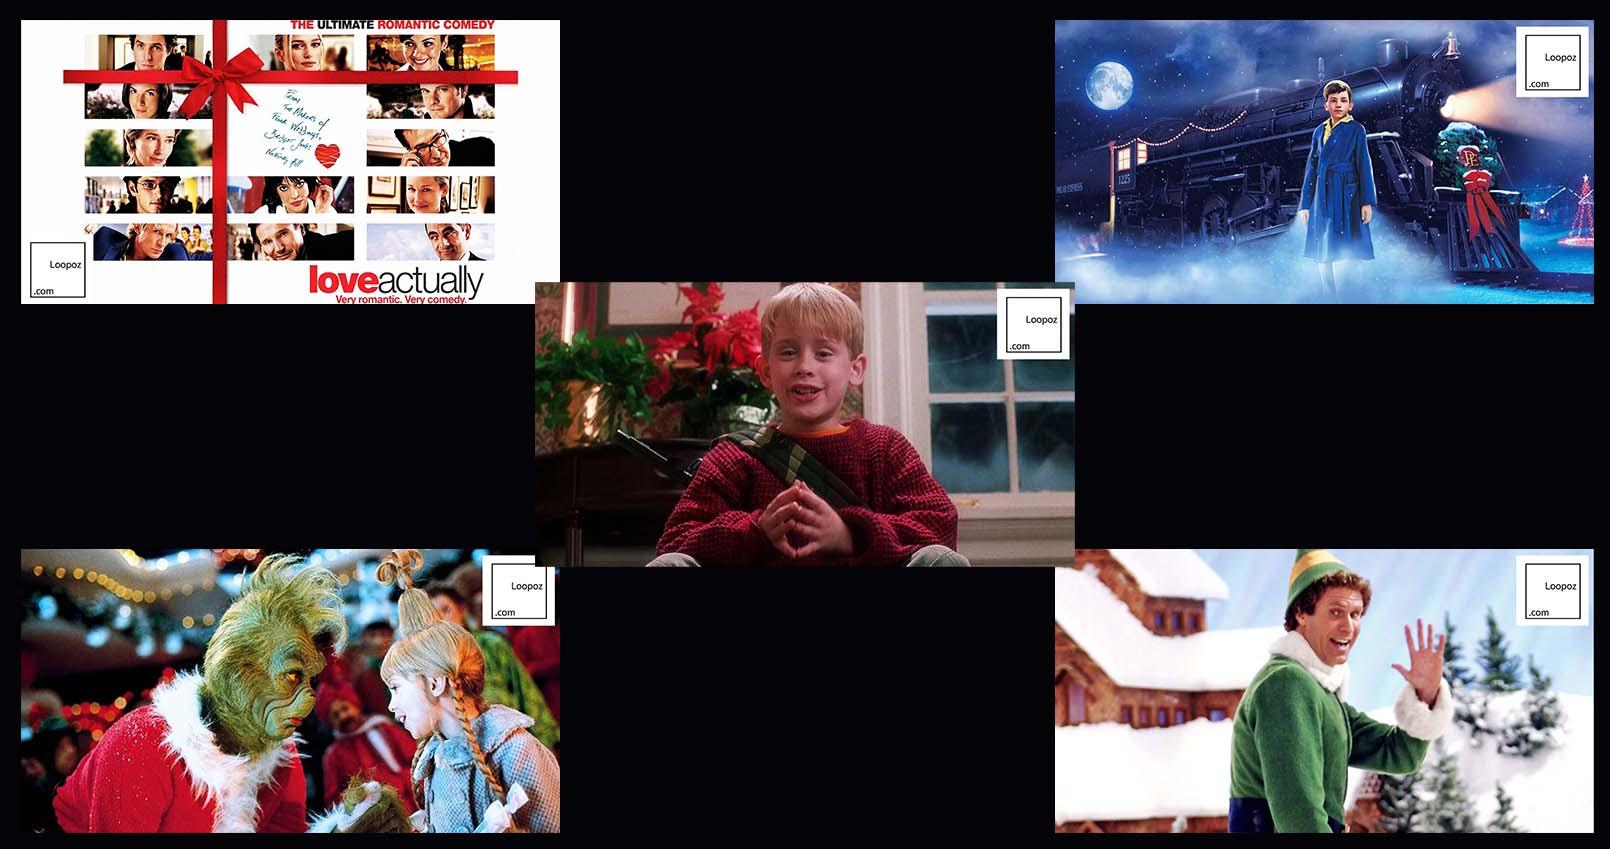 รวมหนังคริสต์มาส ที่ทำเงินสูงสุดตลอดกาล หนังคริสต์มาสยอดนิยม ที่ครองใจมาแล้วรุ่นสู่รุ่น